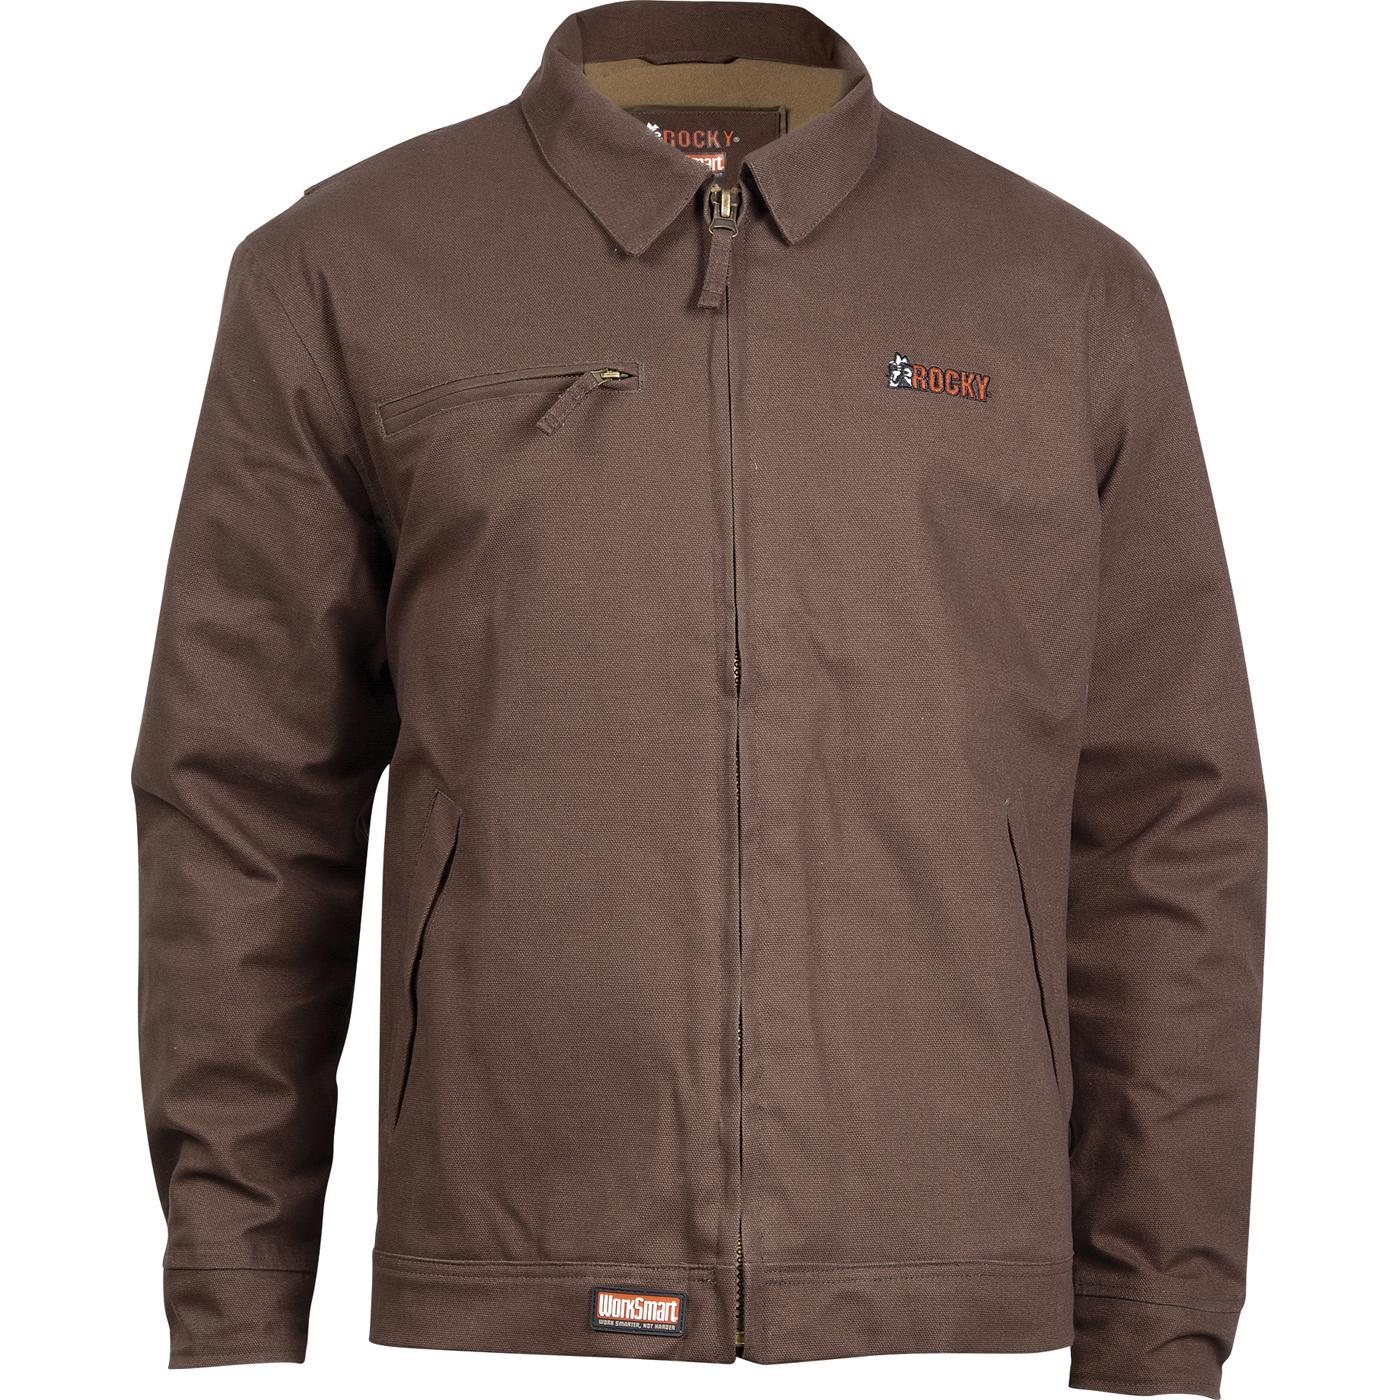 9a496301e Rocky WorkSmart Waterproof Short Jacket